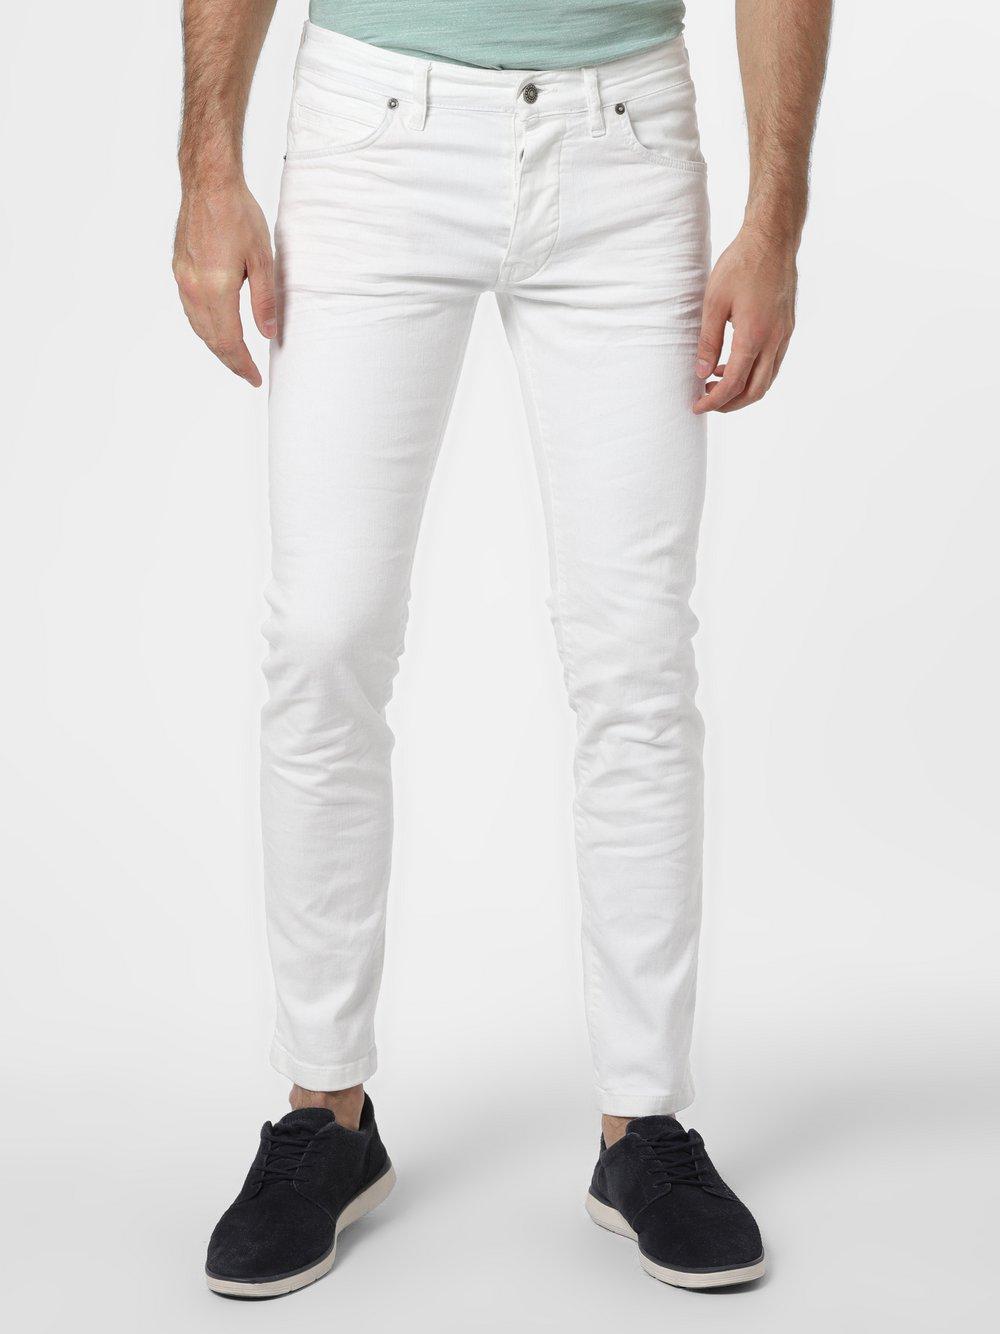 Drykorn - Jeansy męskie – Jaz, biały